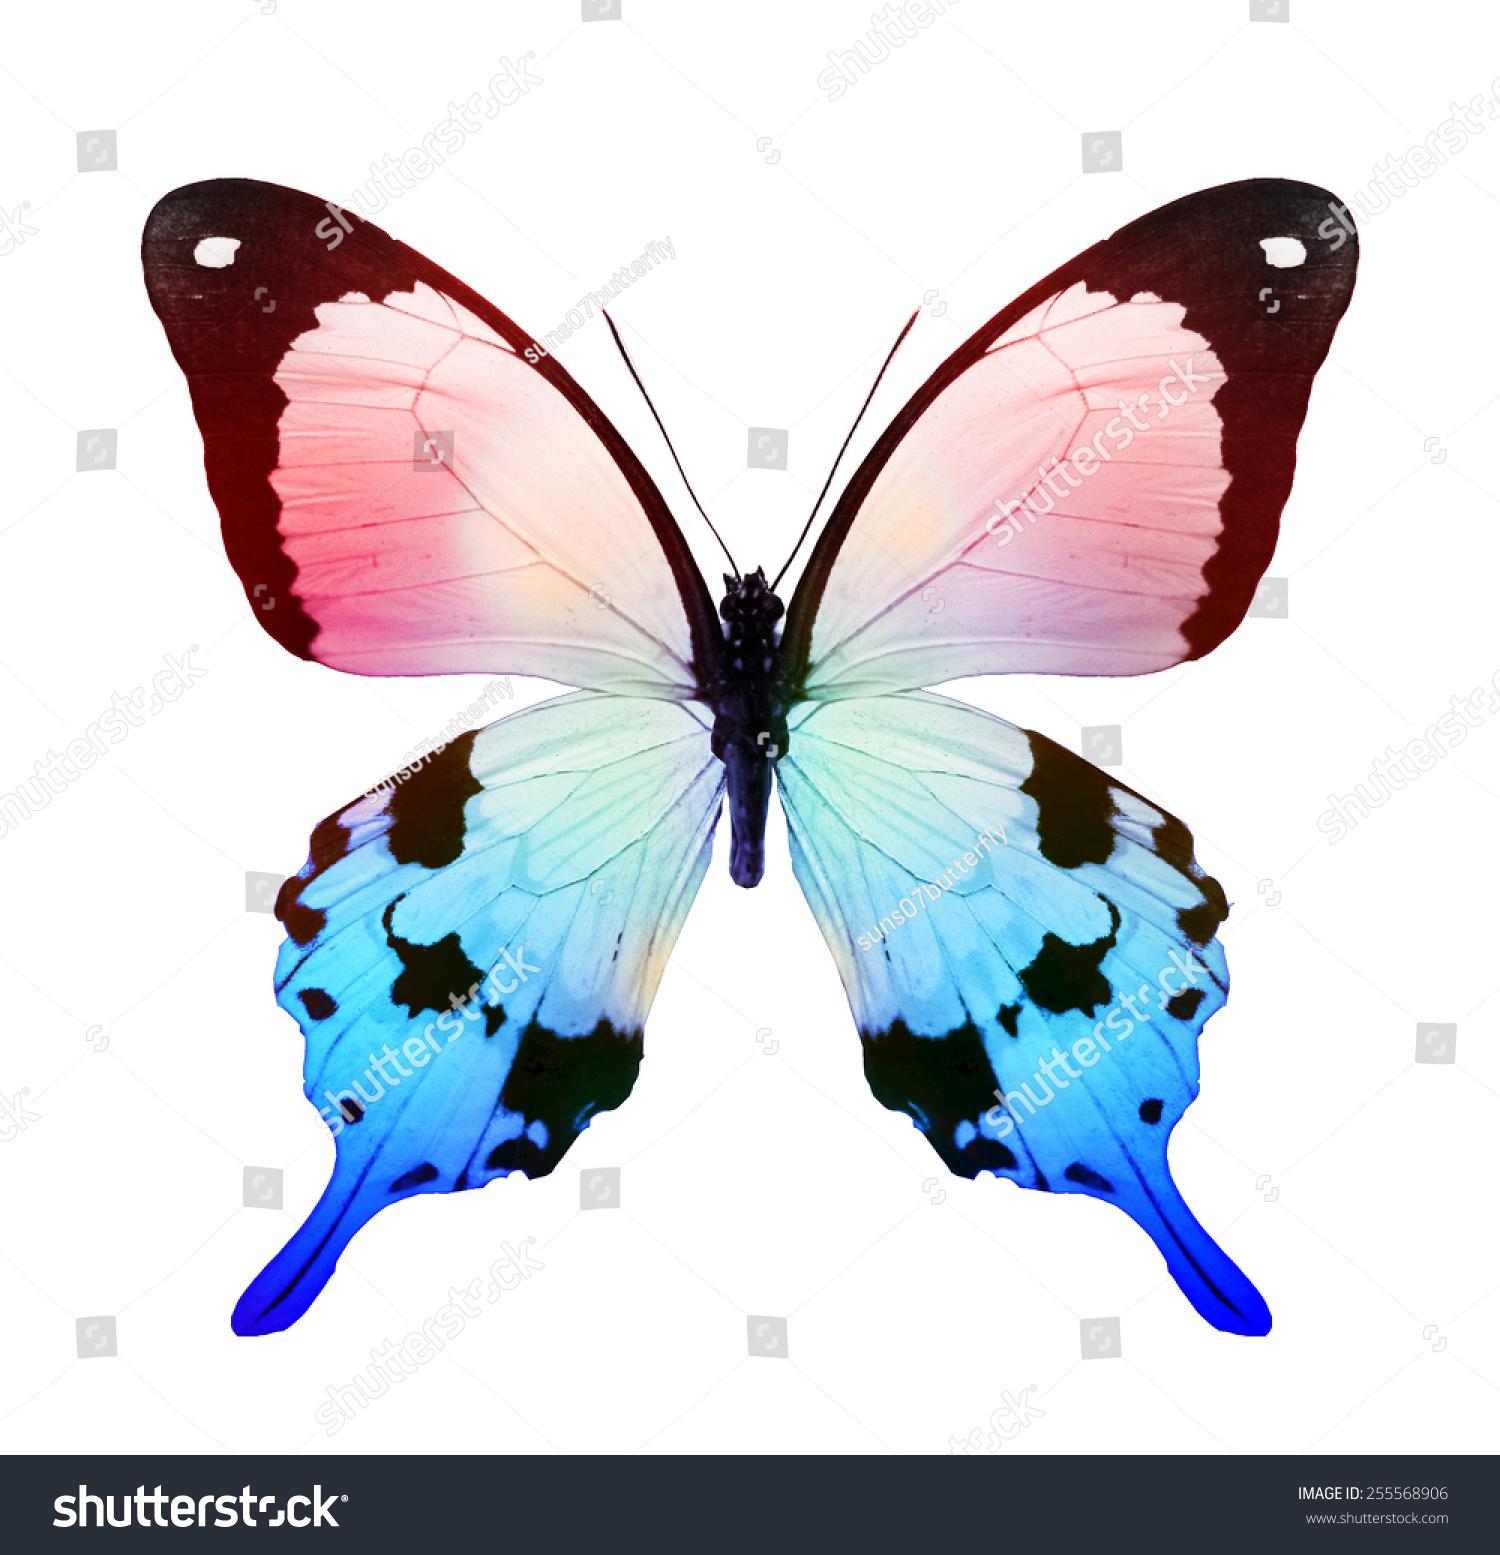 颜色热带蝴蝶,孤立在白色的-动物/野生生物